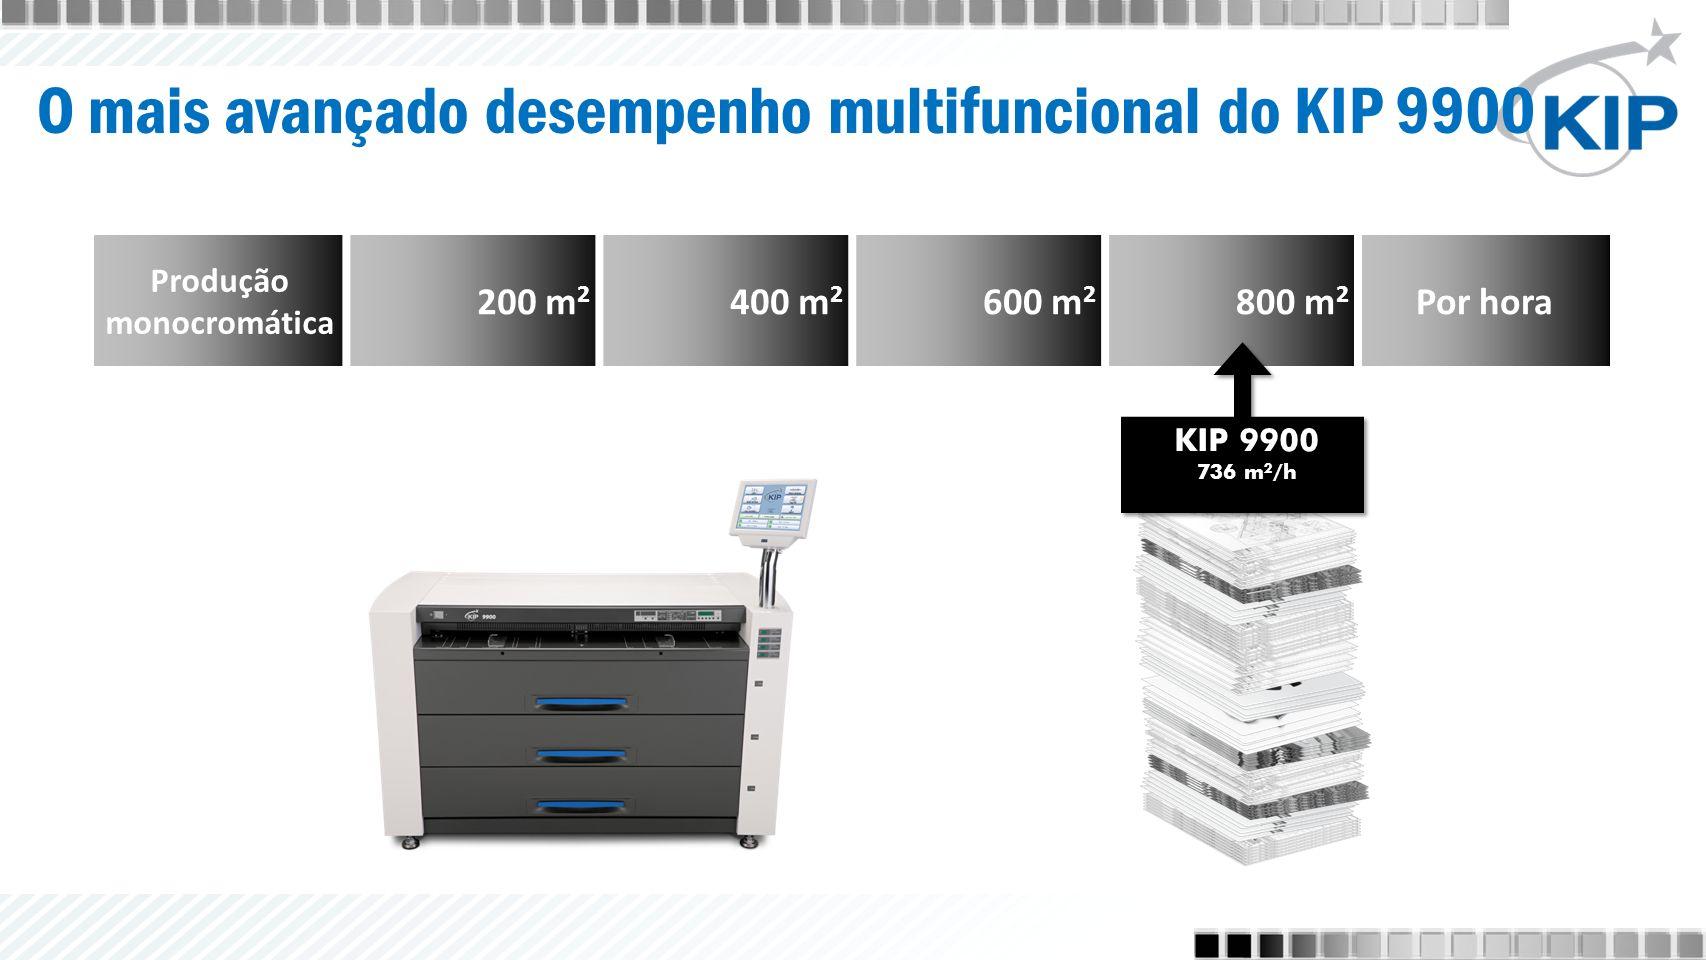 Produção monocromática 200 m 2 400 m 2 600 m 2 800 m 2 Por hora O mais avançado desempenho multifuncional do KIP 9900 KIP 9900 736 m 2 /h